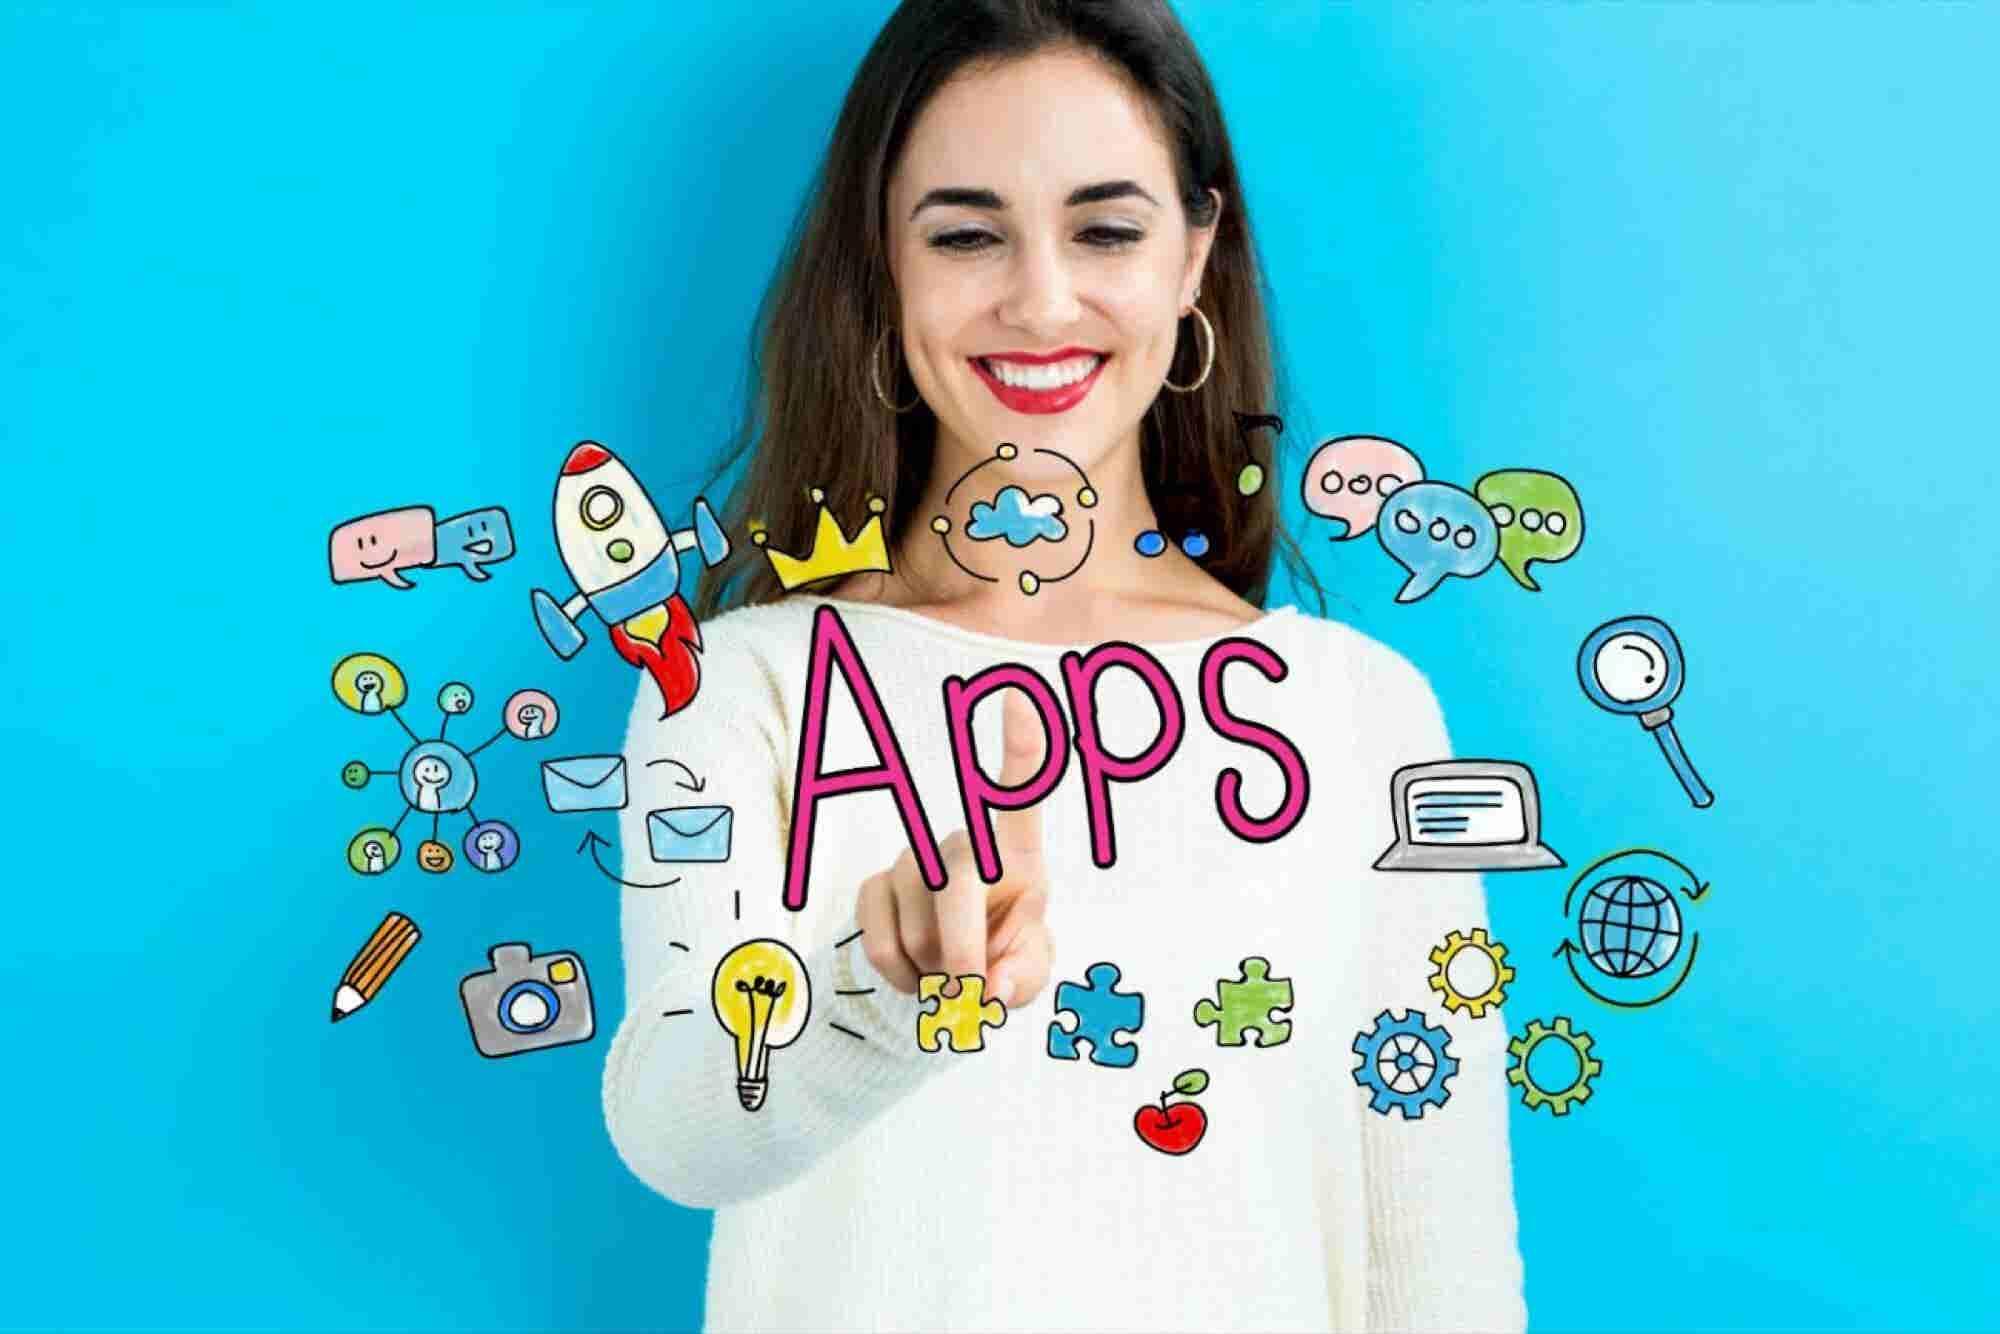 La incubadora de apps con la que puedes ganar $50,000 pesos al mes